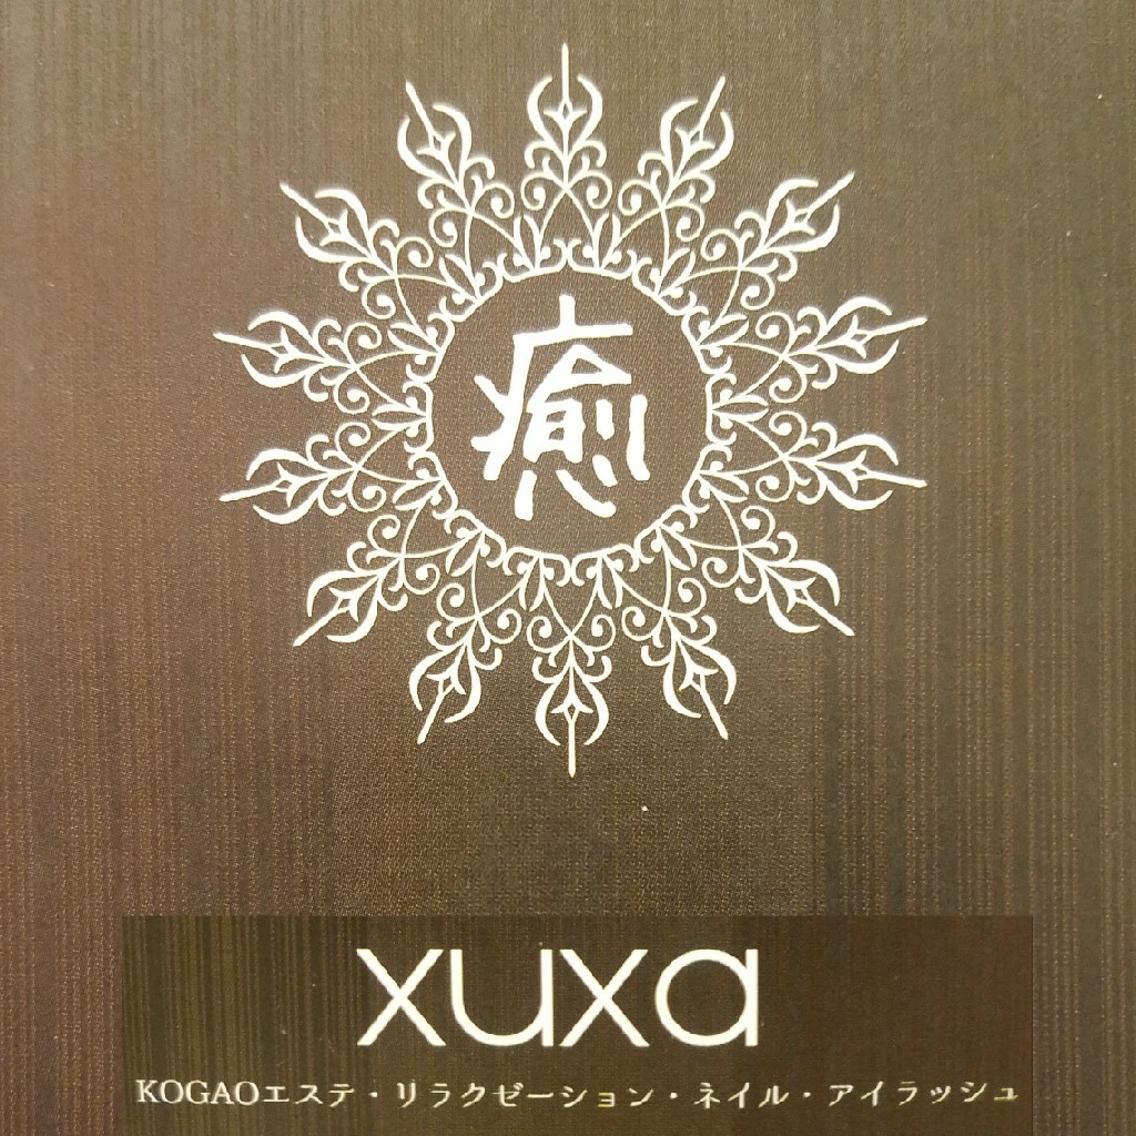 xuxa【シューシャ】所属・水野の掲載